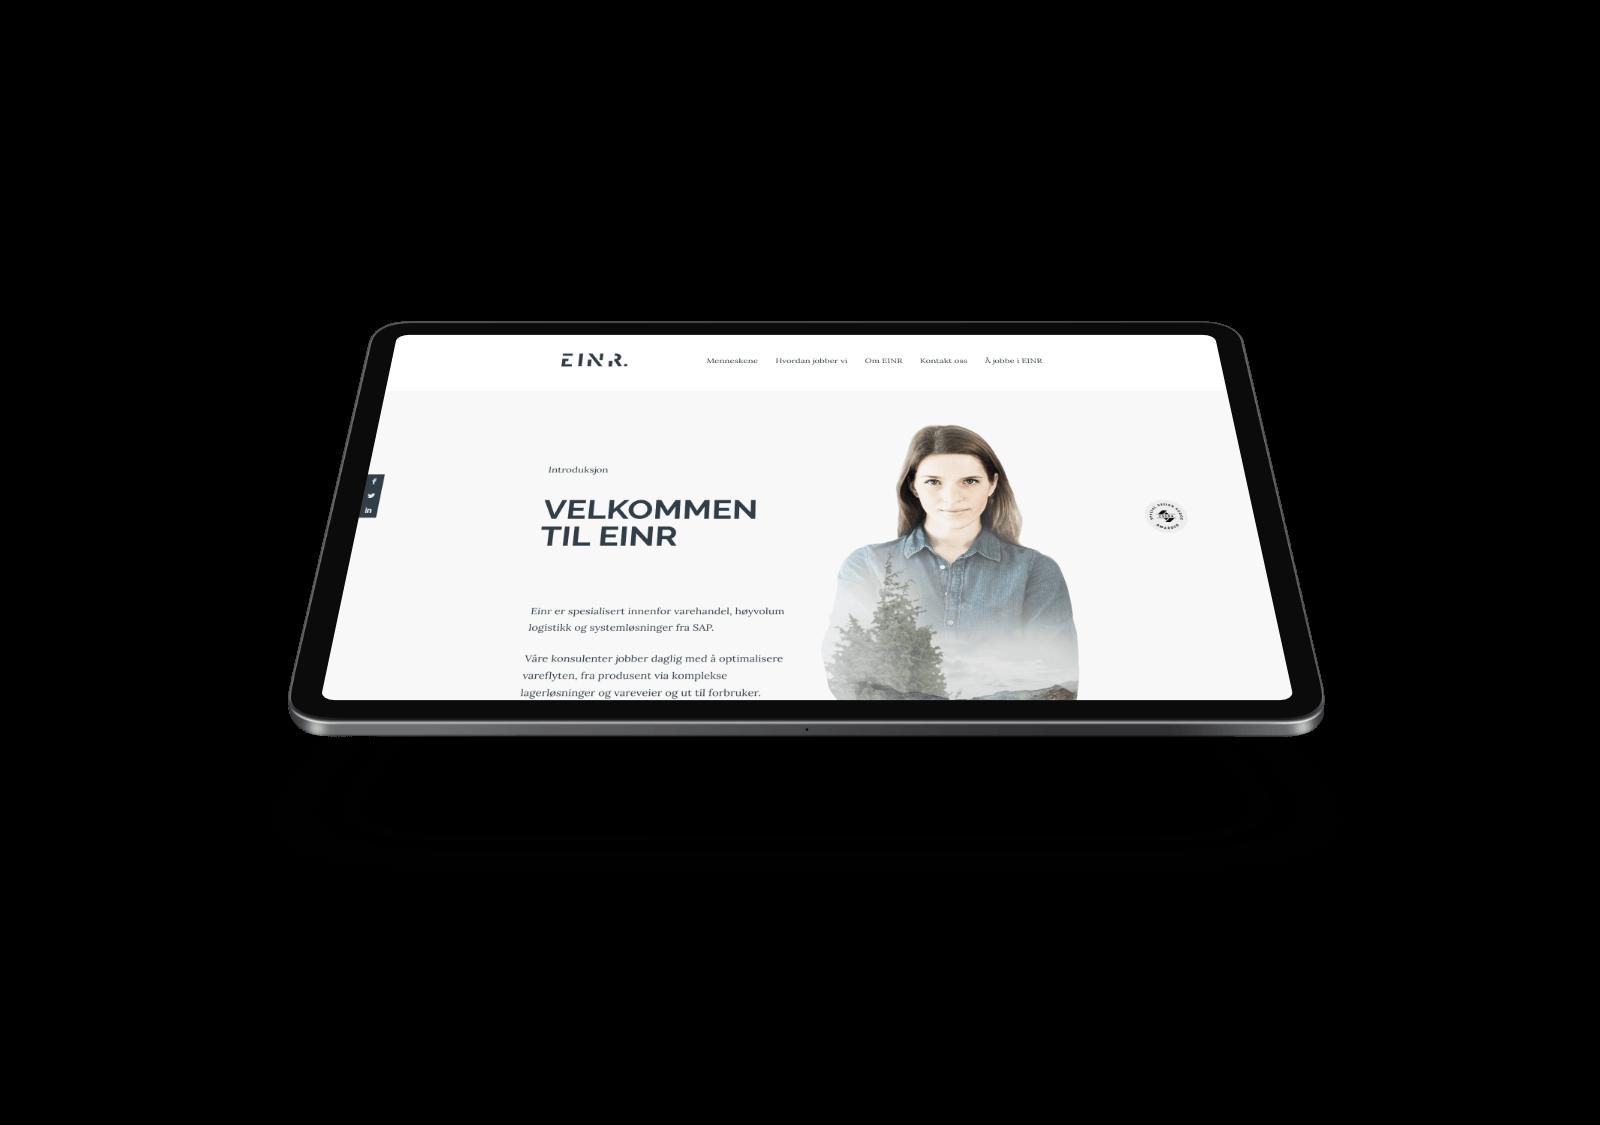 EINR nettside på iPad